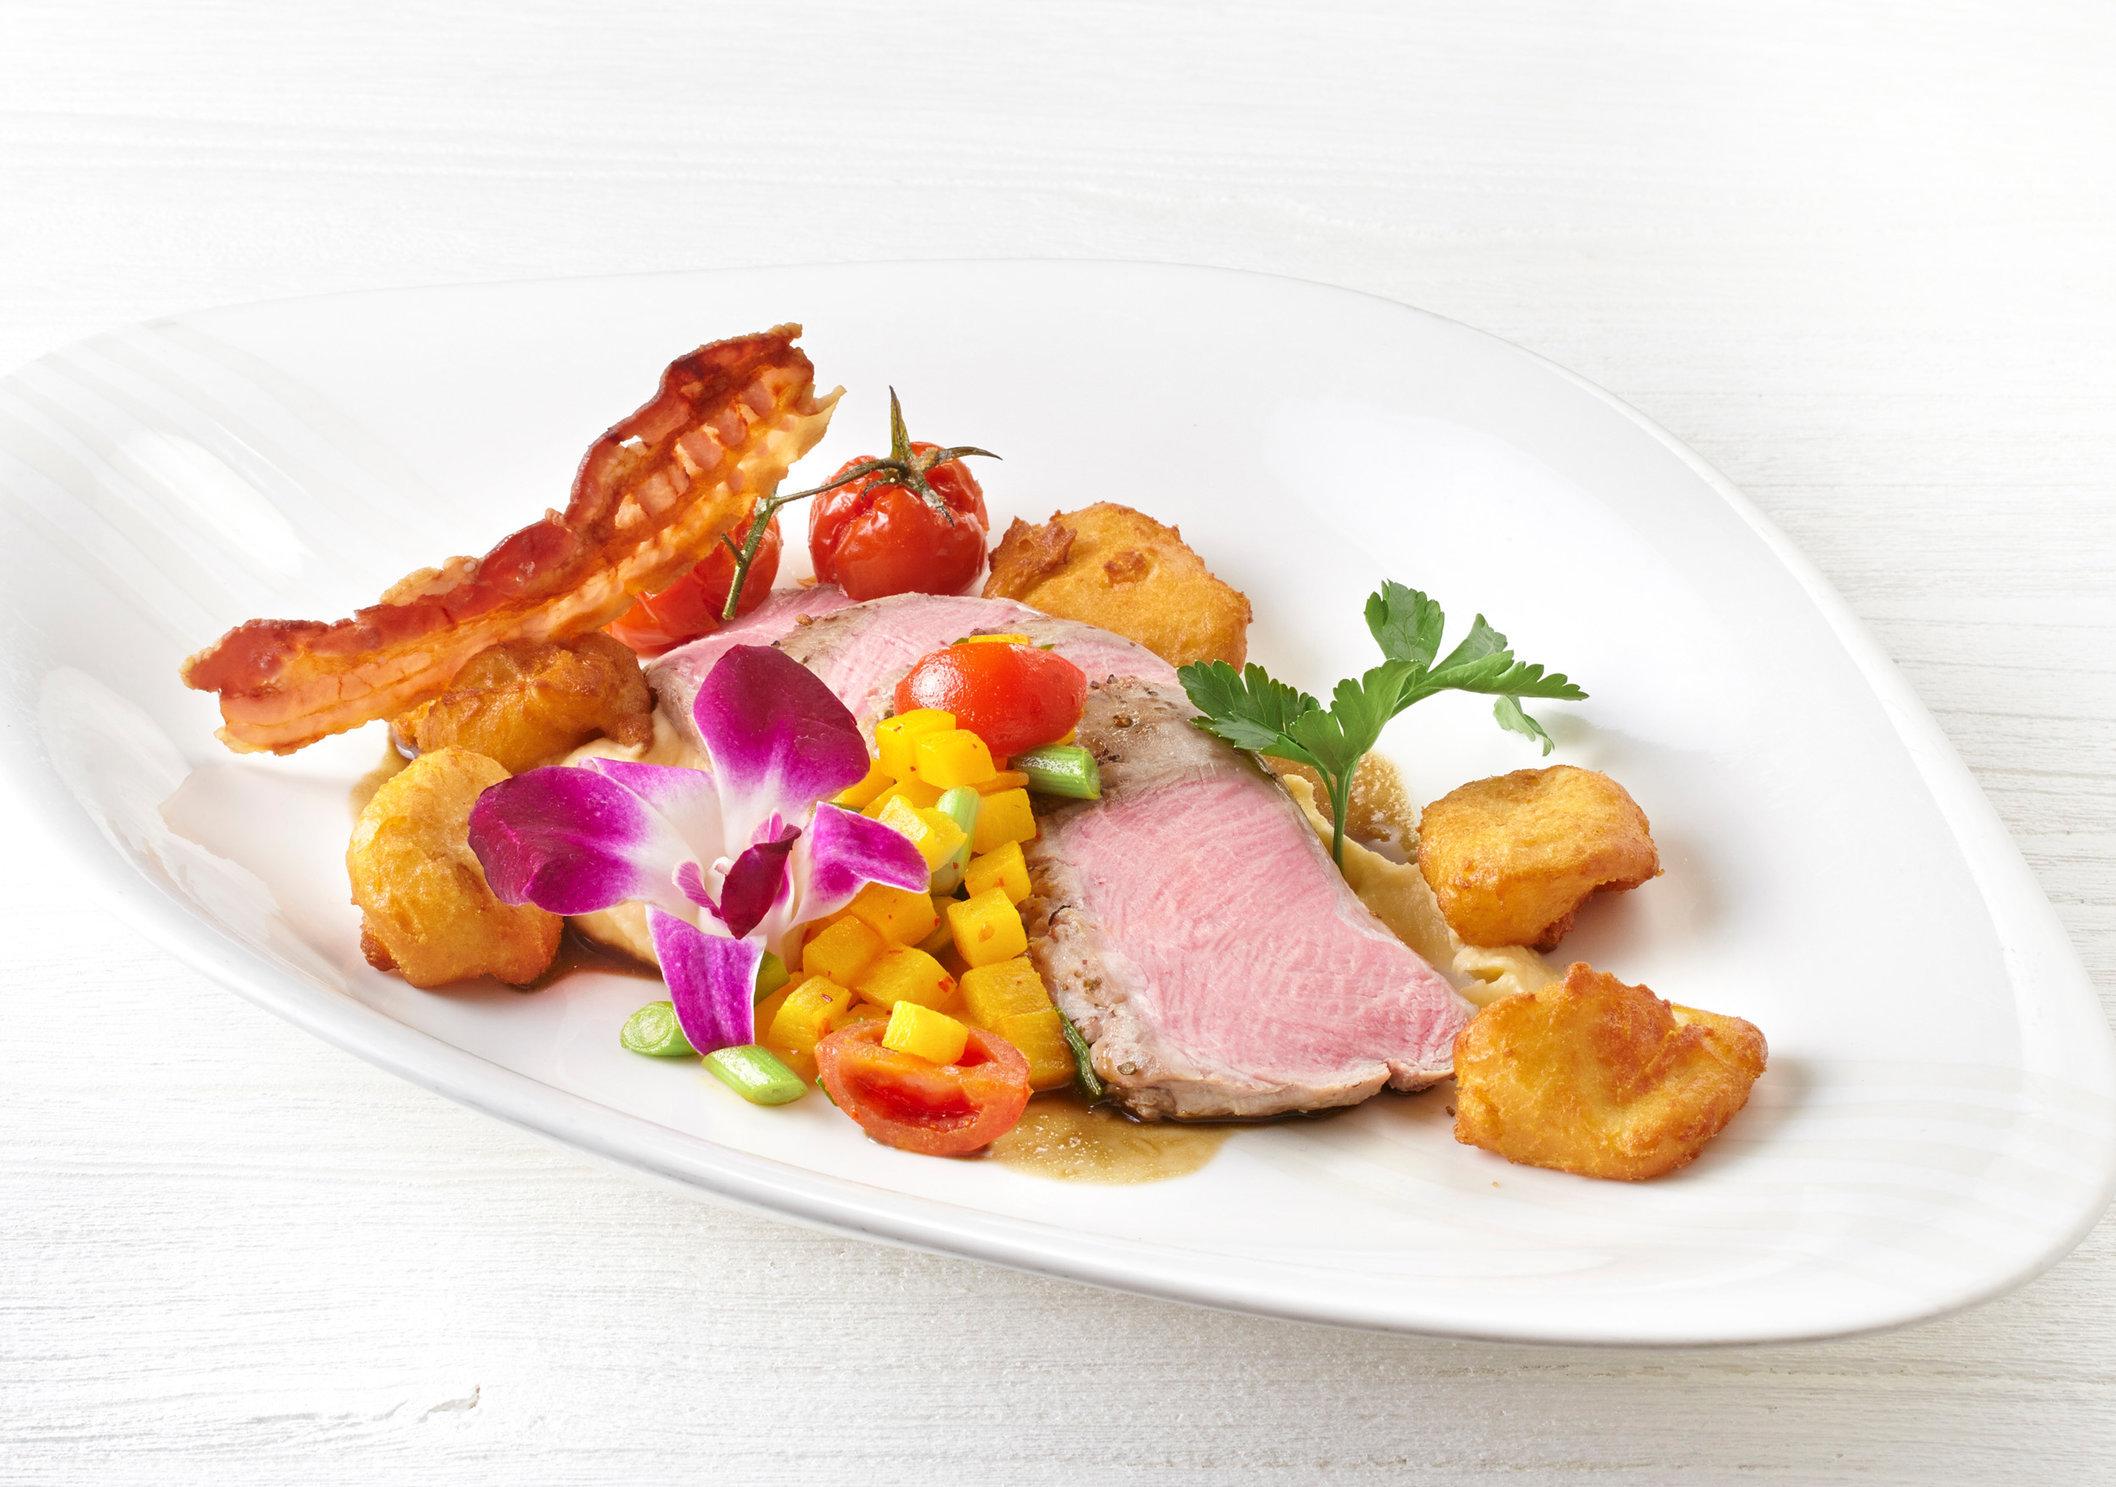 Dehoga-7-T-G-Kochwerk-Schweinefilet-mit-Steckrübe-Speck-Kartoffelkrapfen.jpg